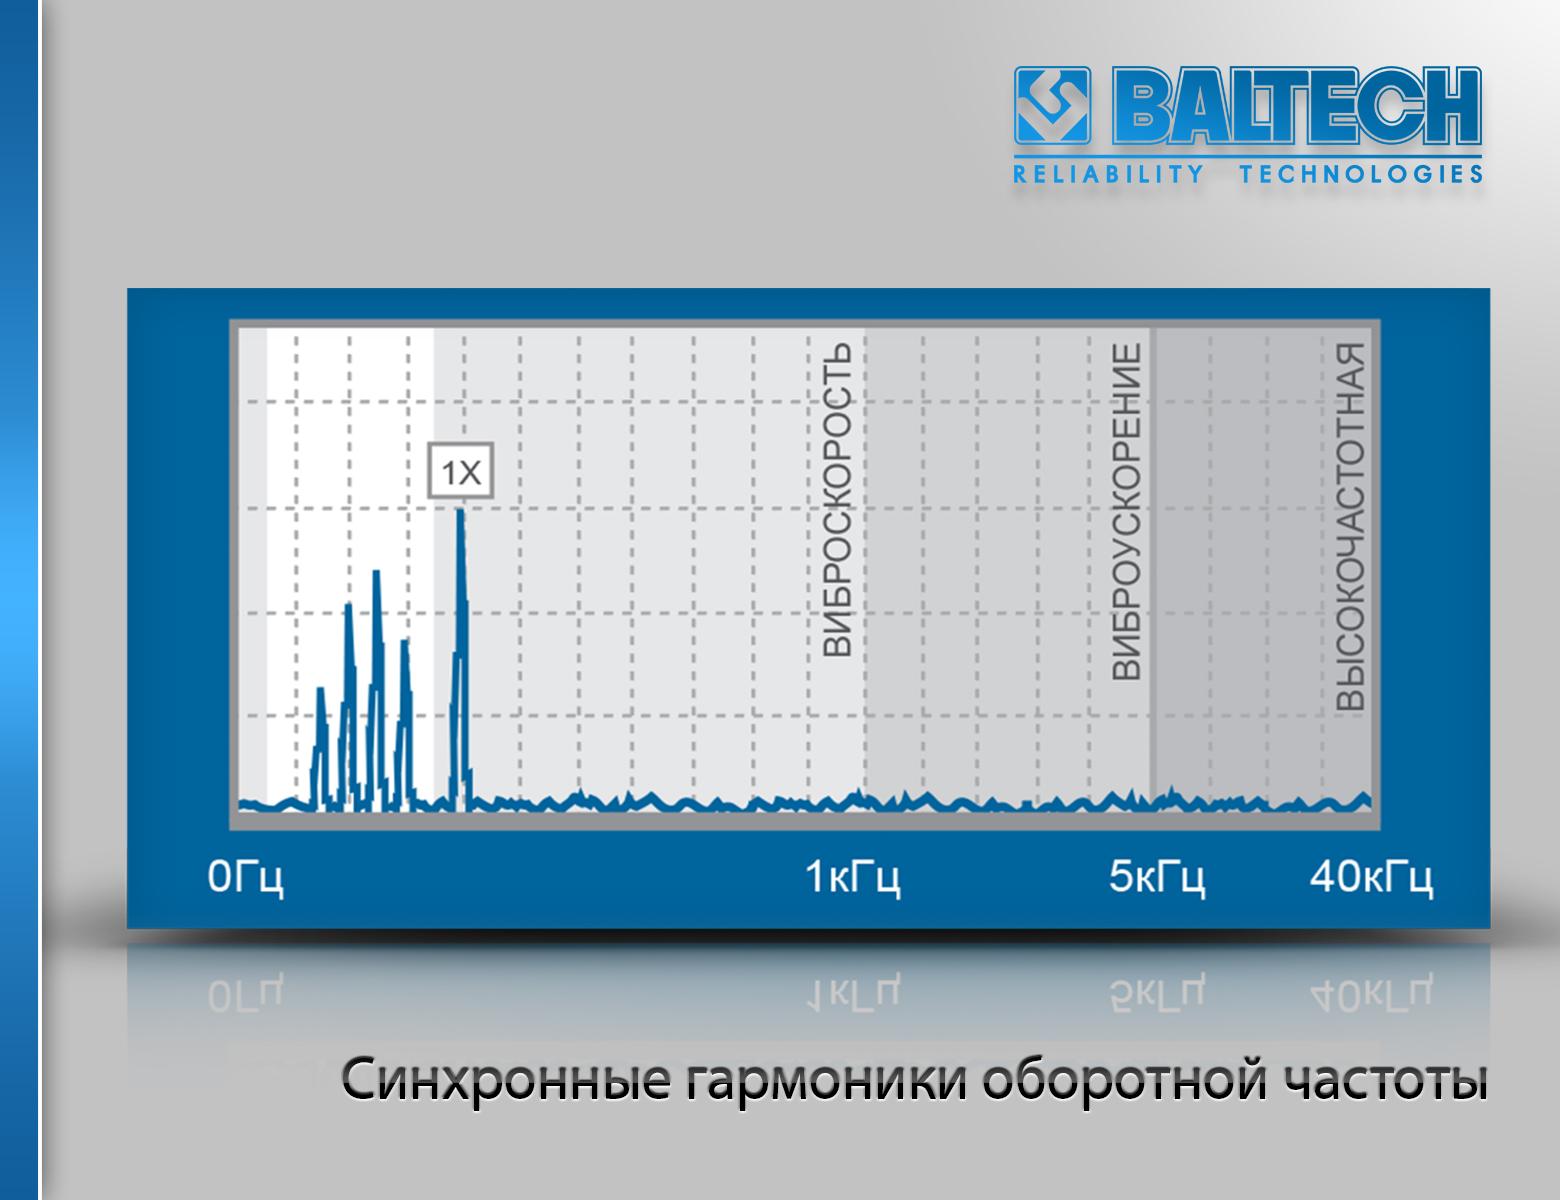 Спектр субгармоник частоты вращения ротора, методы спектрального анализа, вибродиагностика машин, практическая вибродиагностика